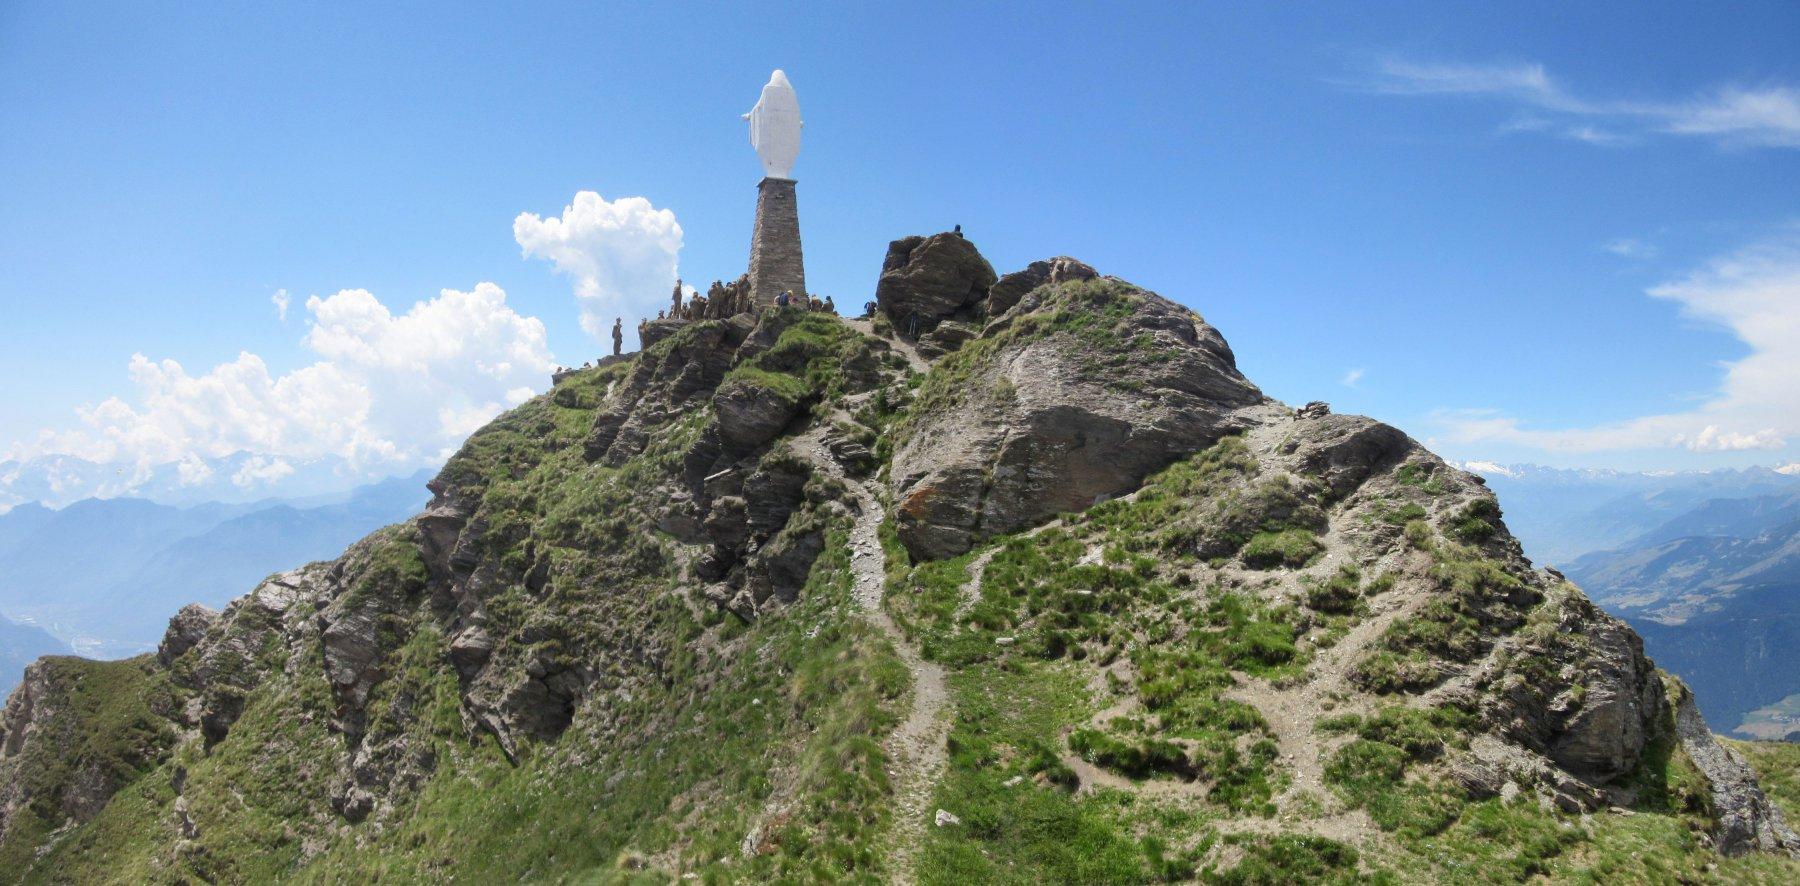 Monte Zerbion